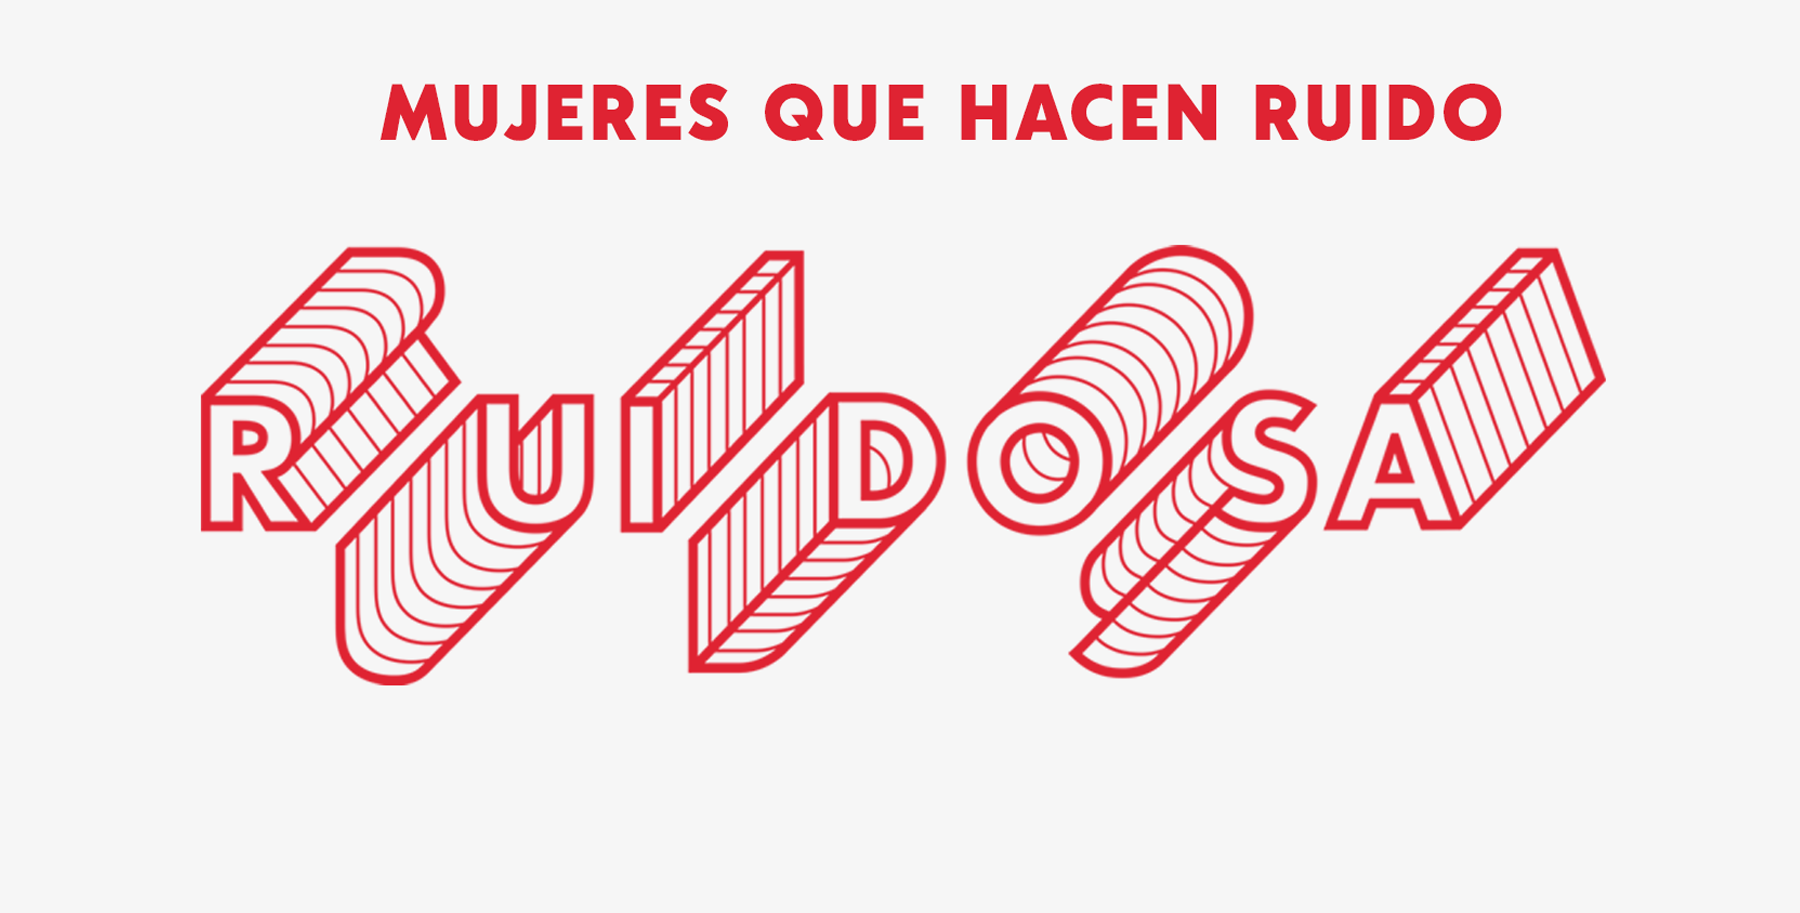 Festival Ruidosa confirma cartel, fecha y venta de entradas